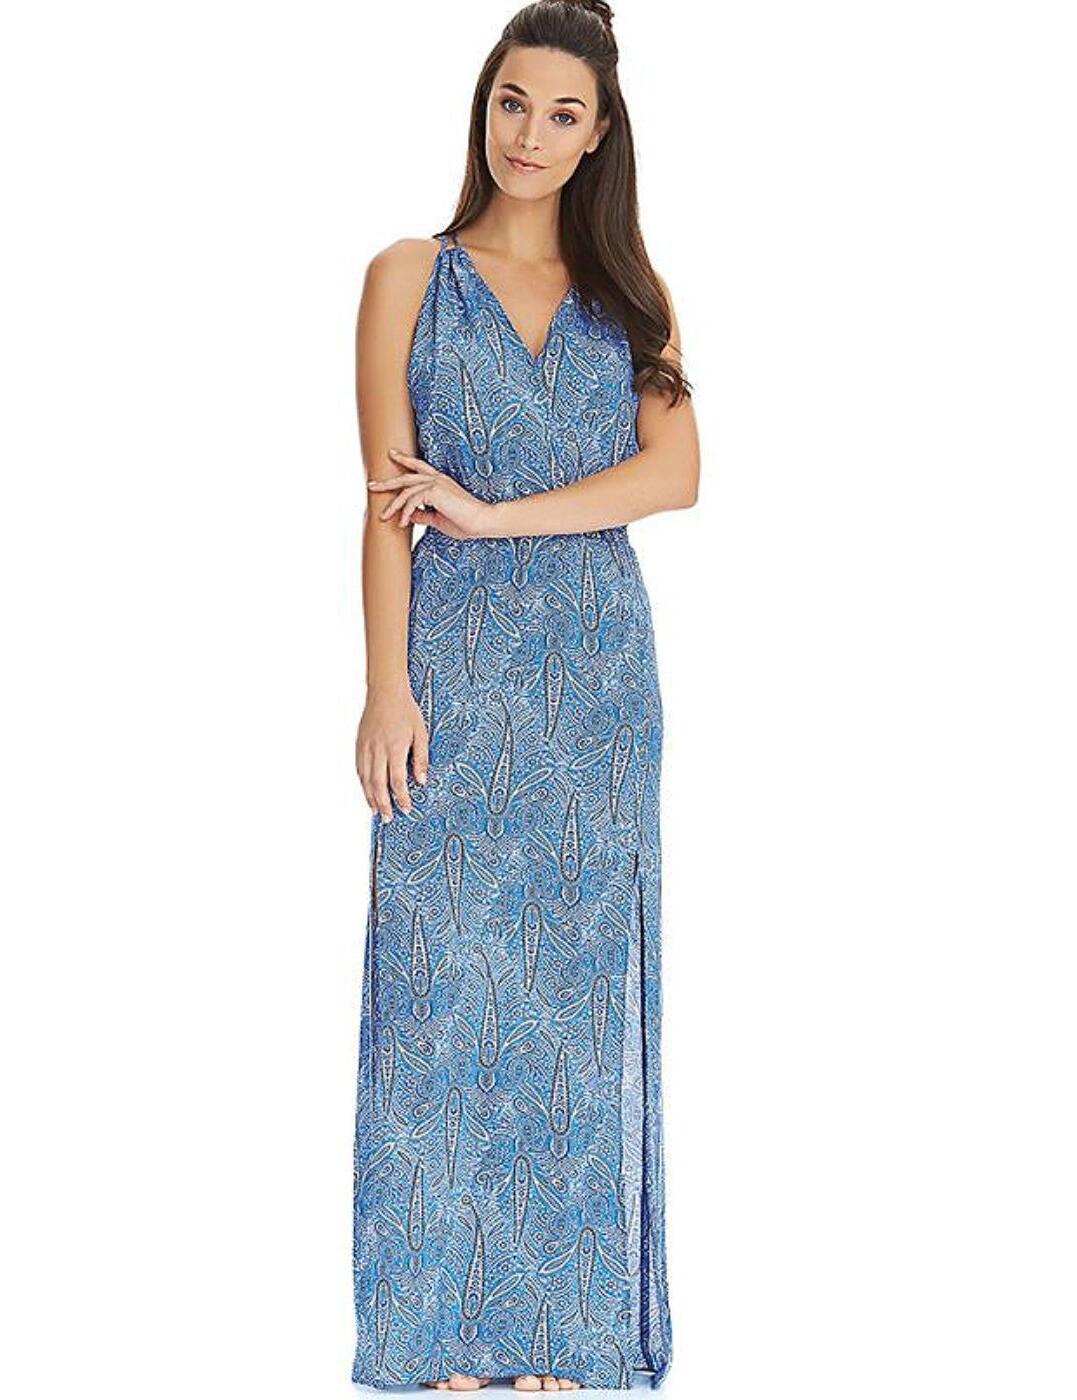 4477 Freya Summer Tide Maxi Beach Dress - 4477 Denim